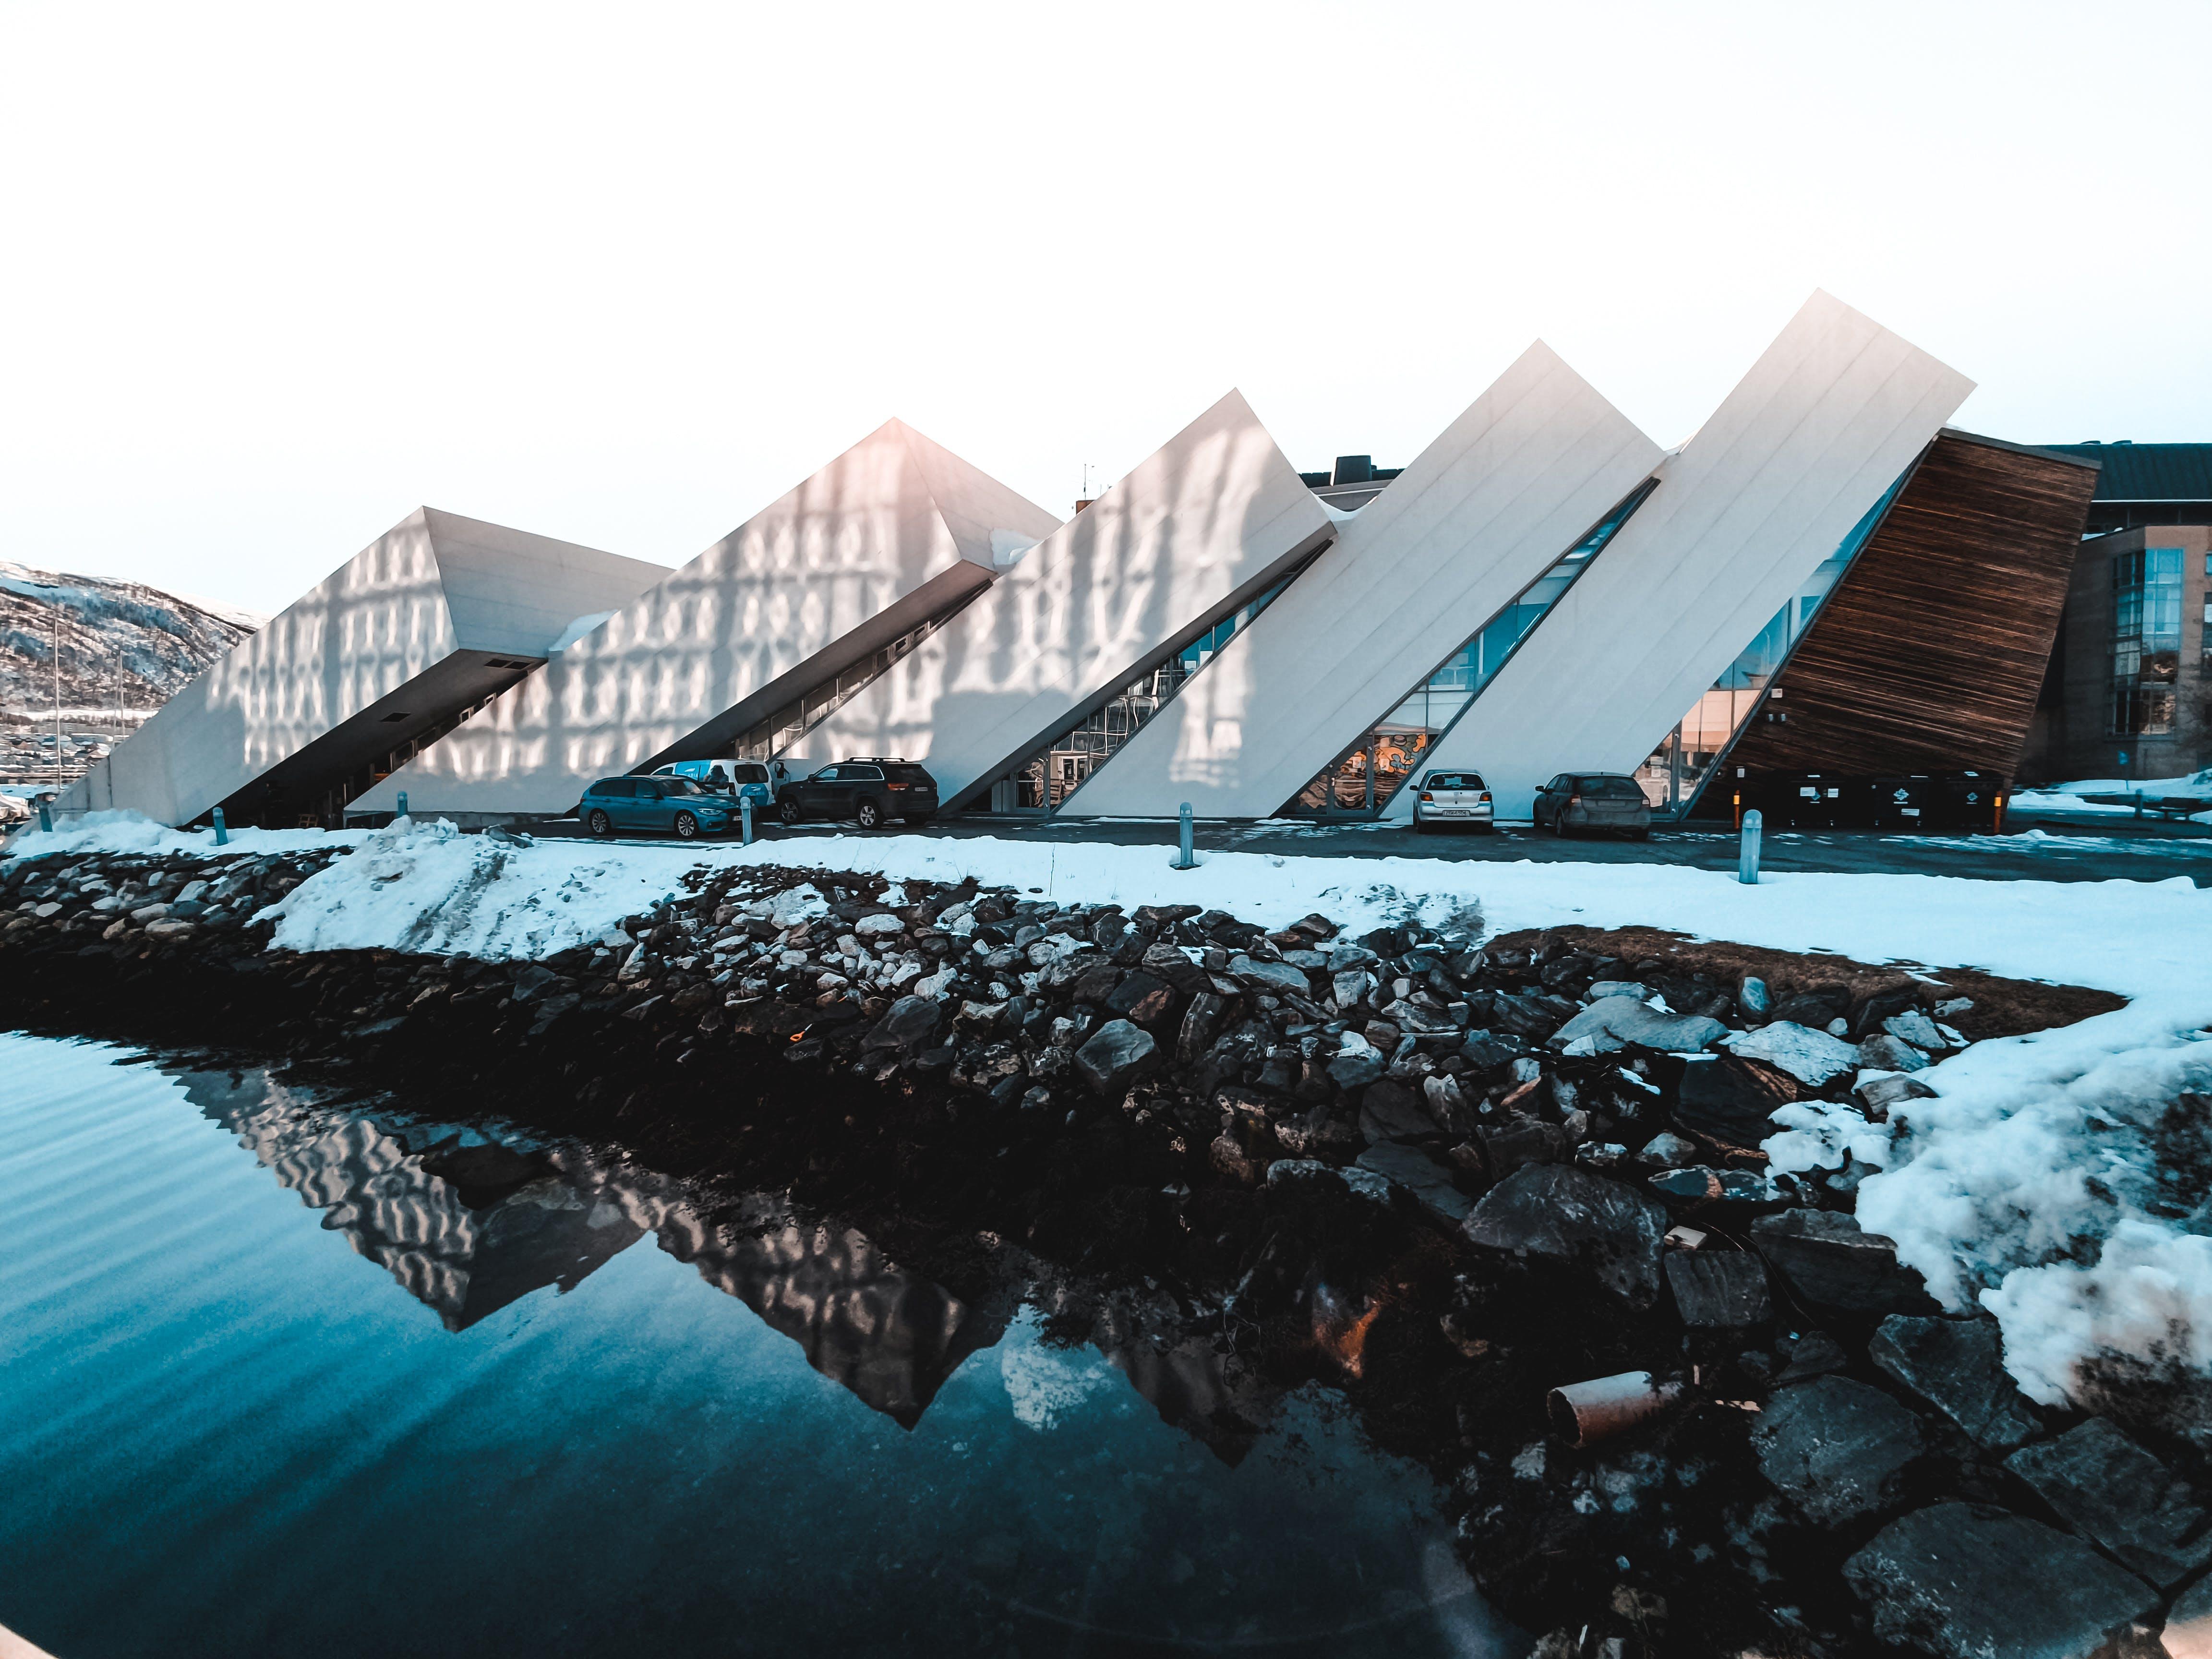 Бесплатное стоковое фото с архитектура, здание, отражение, снег